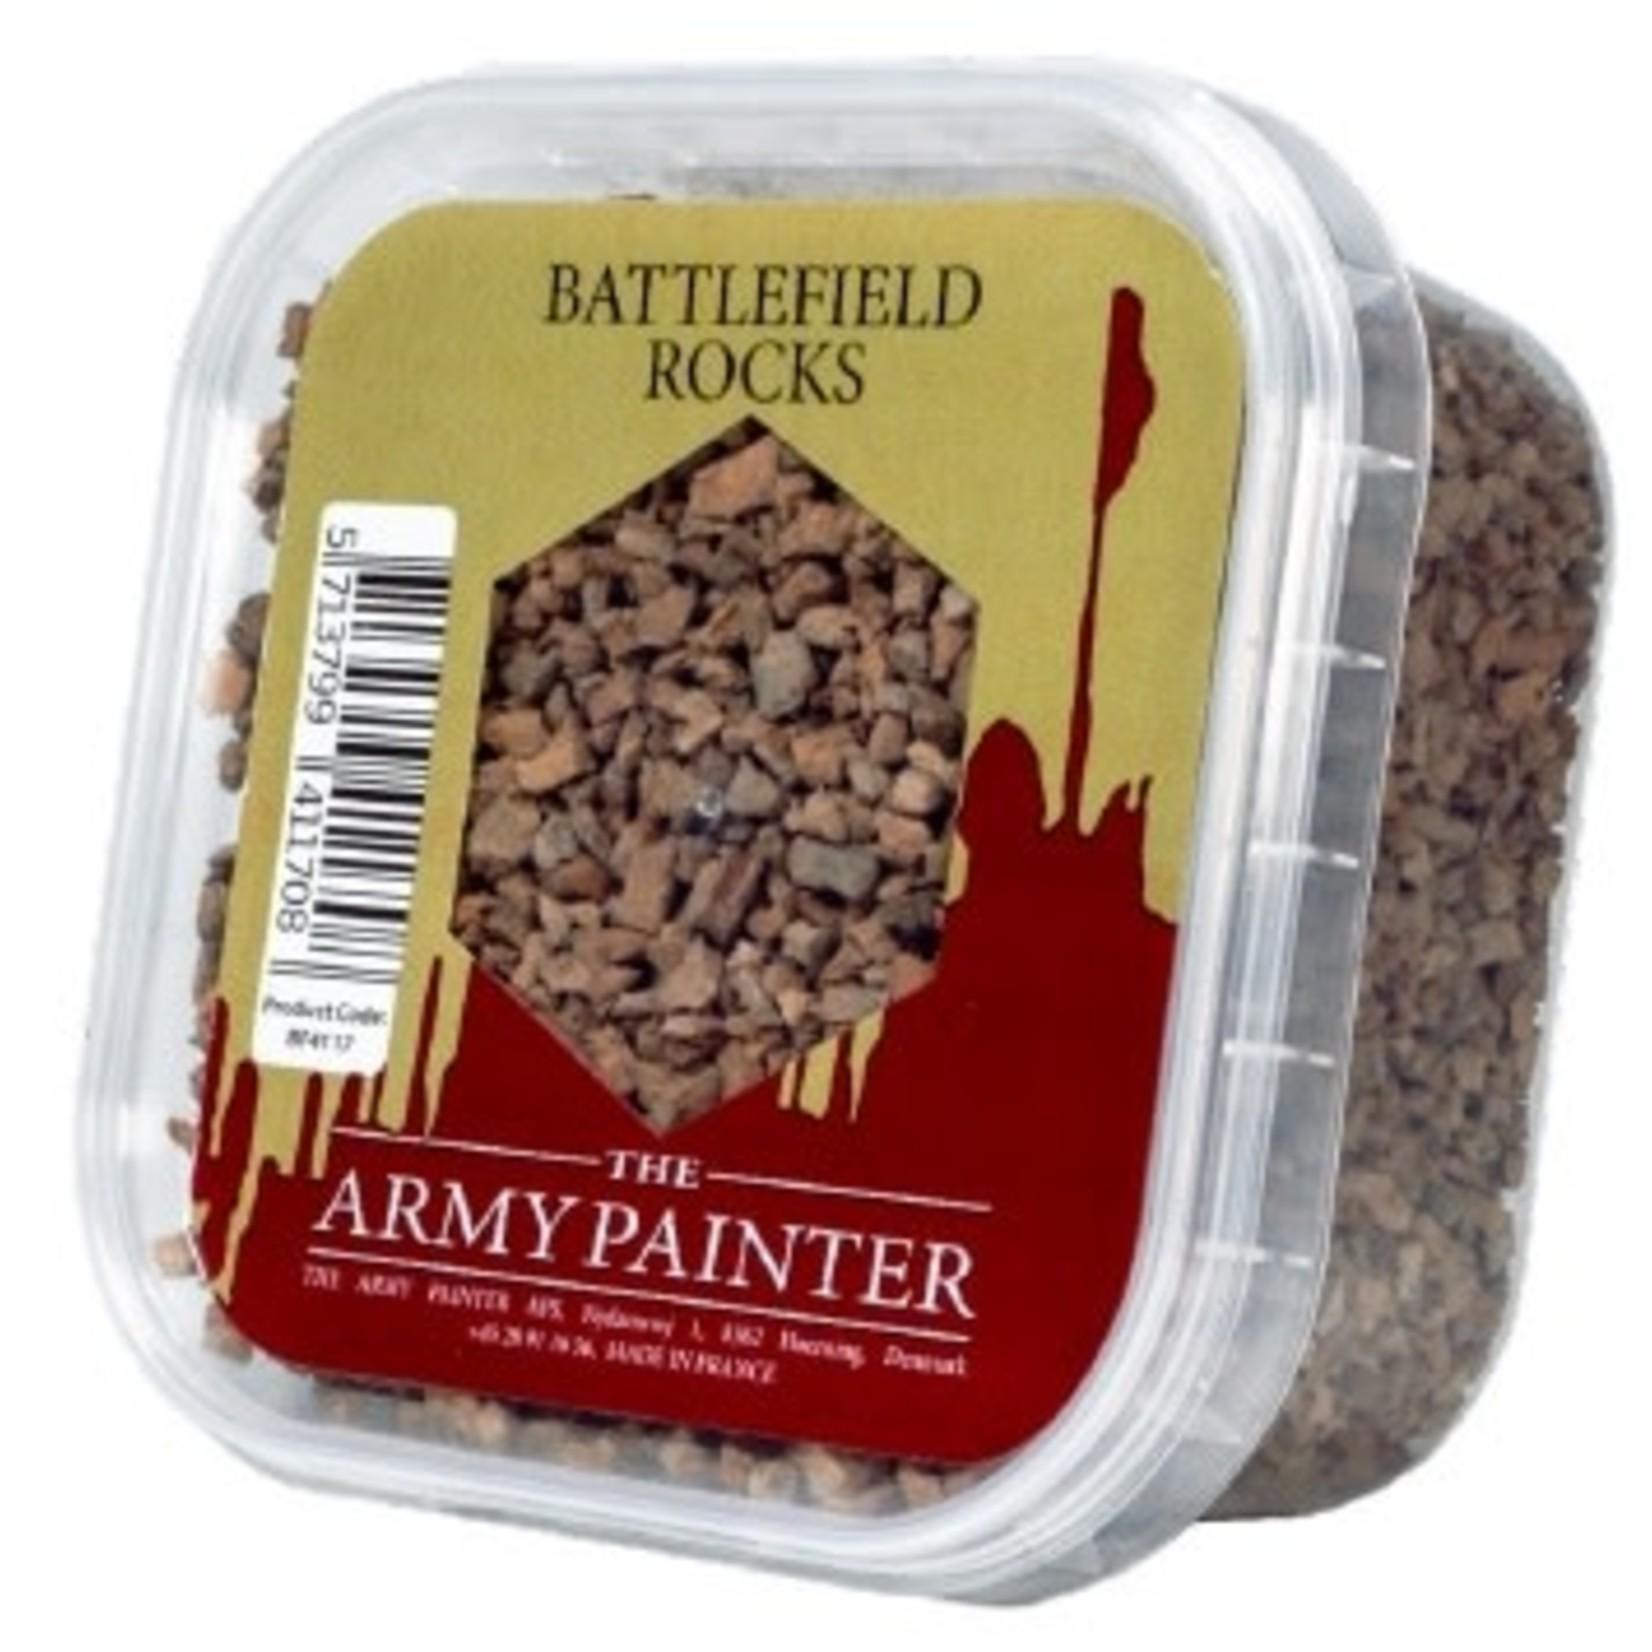 Army Painter Battlefields : Battlefield Rocks